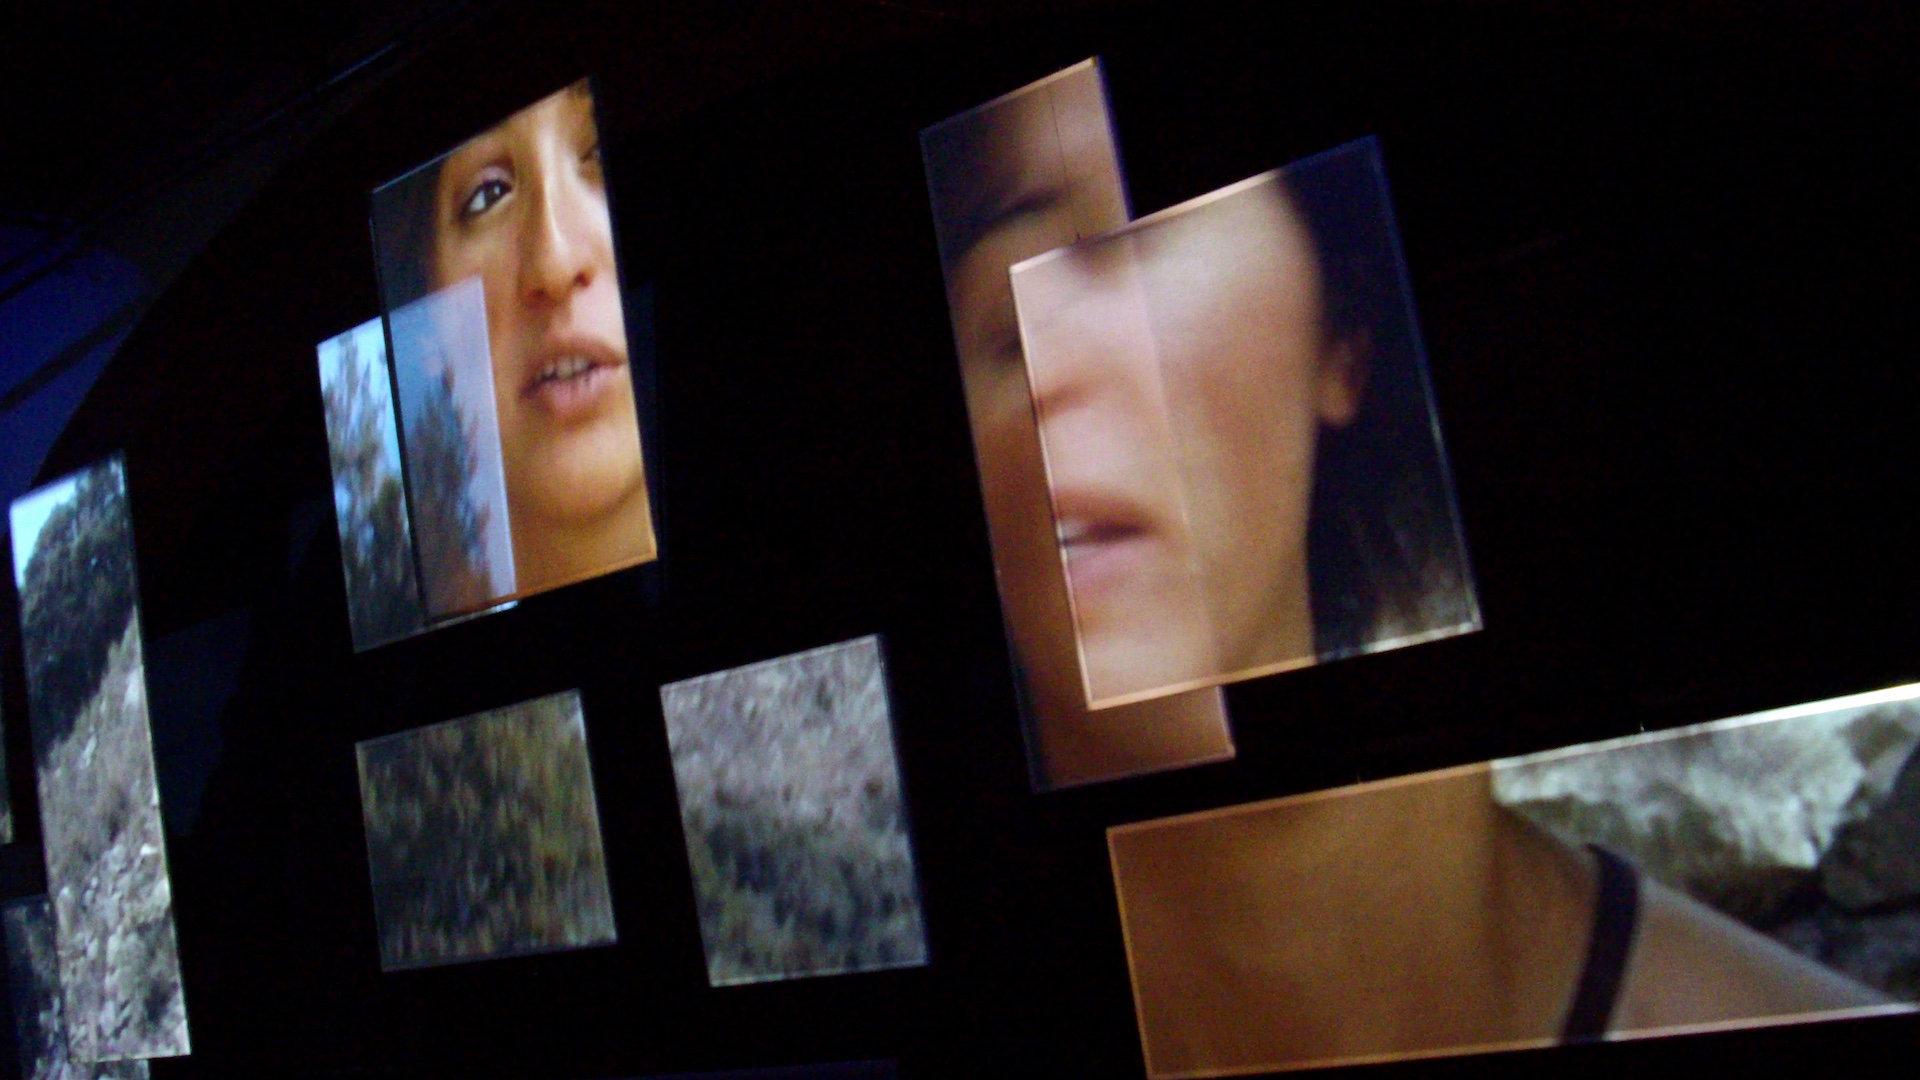 Installation vidéo Pasos, chemins d'exils et récits d'enfants d'exilés, réalisée par Olivier Moulaï, au Couvent des Minimes de Perpignan, dans le cadre de l'exposition Retirada 1939-2009 paroles d'images